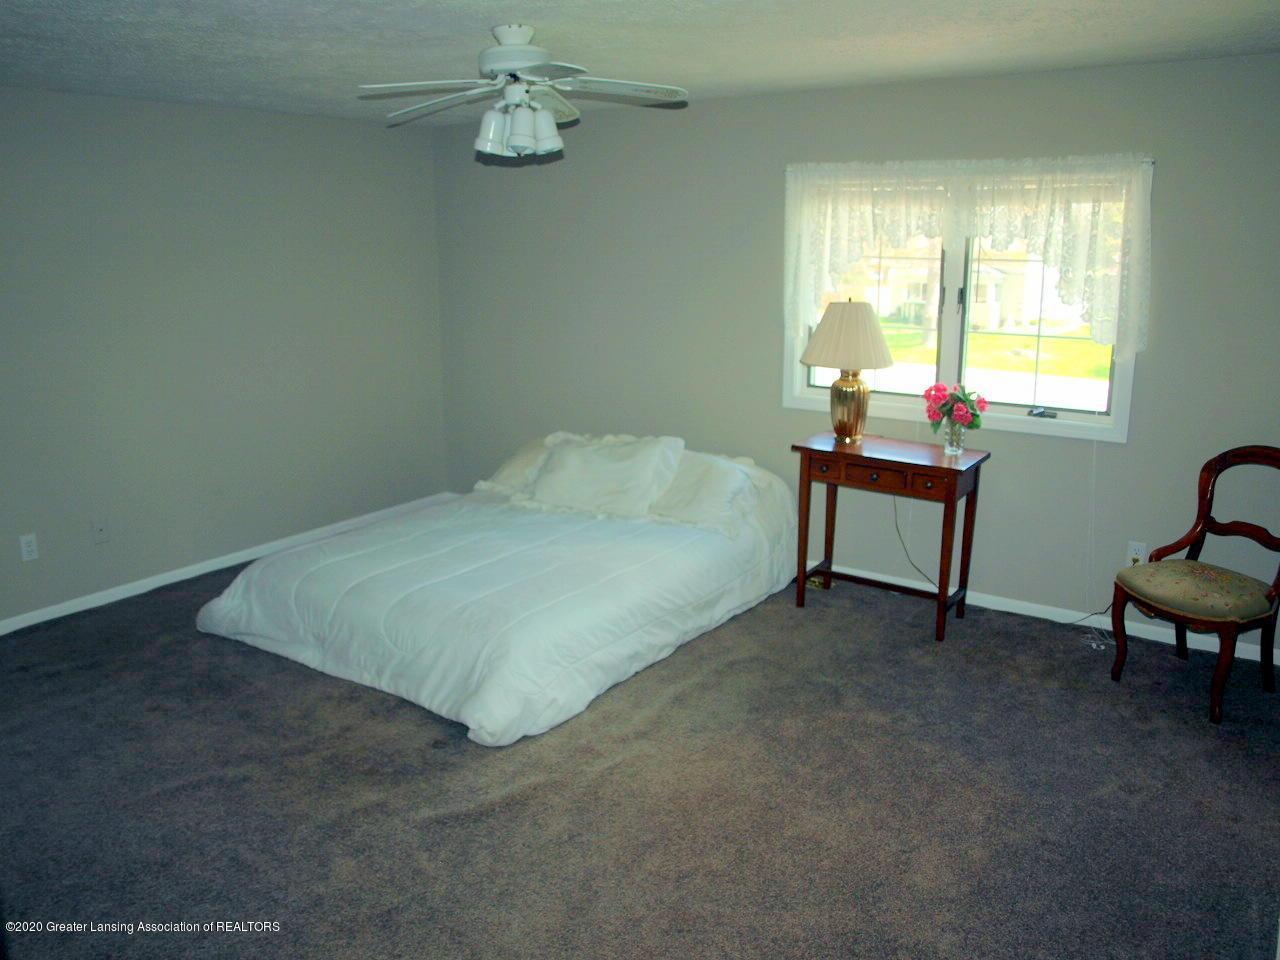 1208 S Oakland St - Bedroom - 20